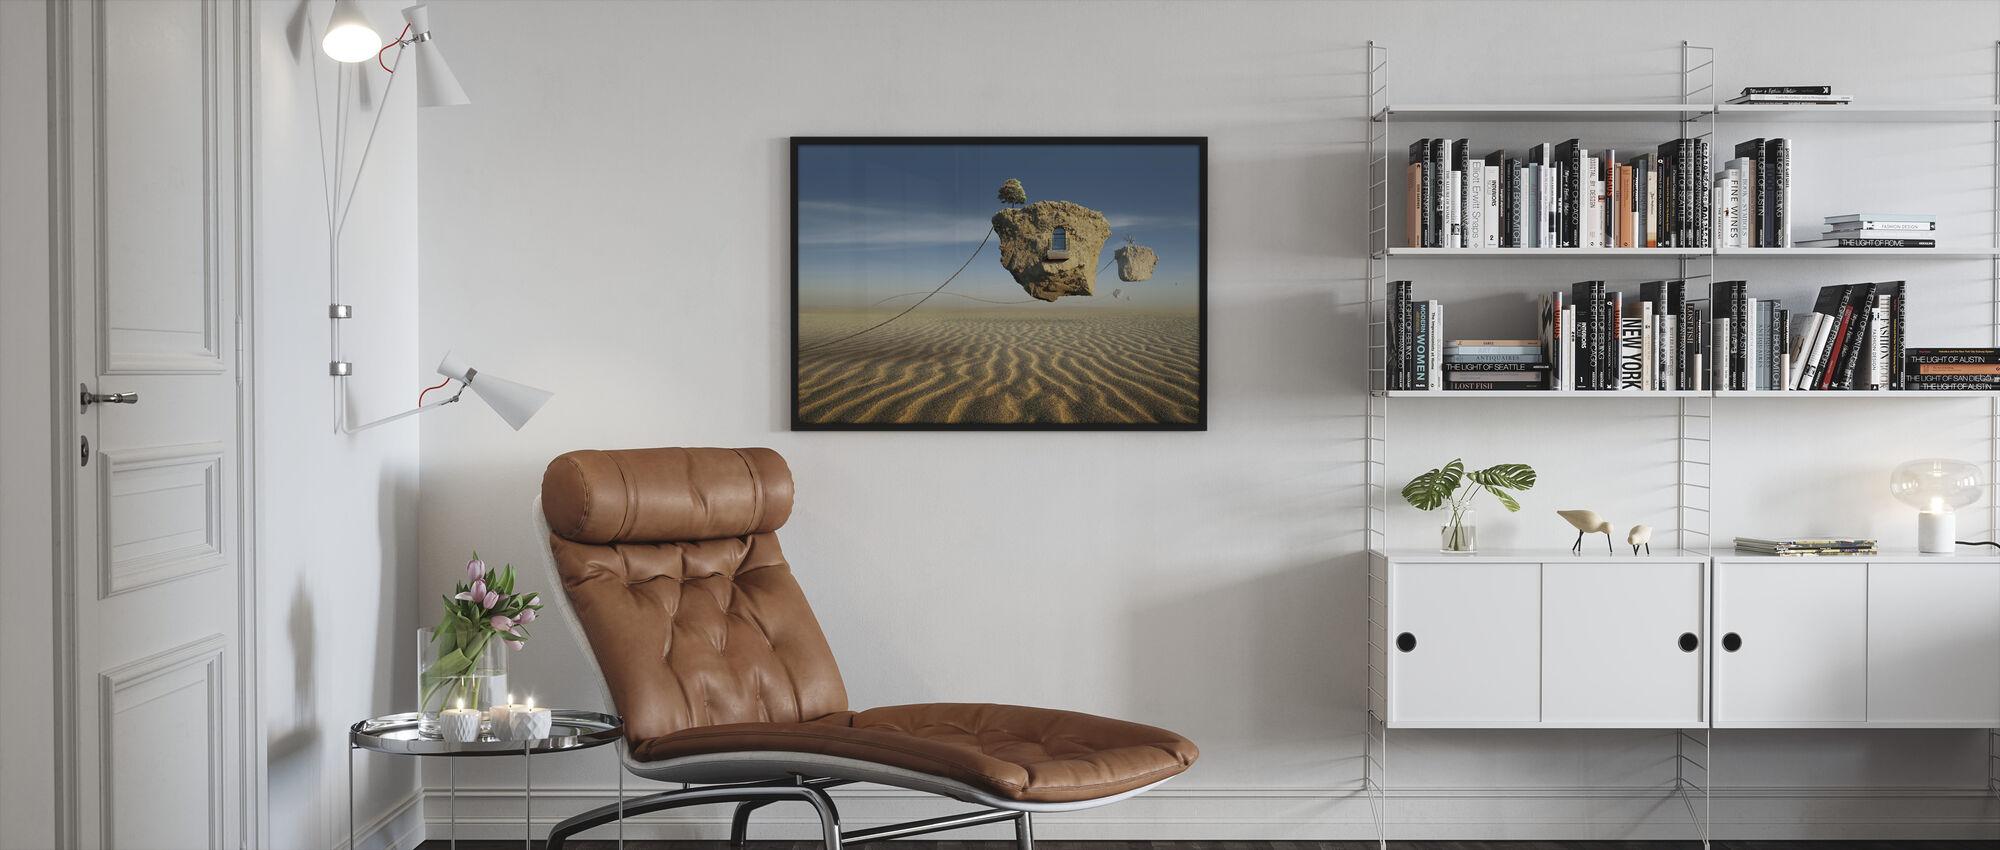 Float - Framed print - Living Room